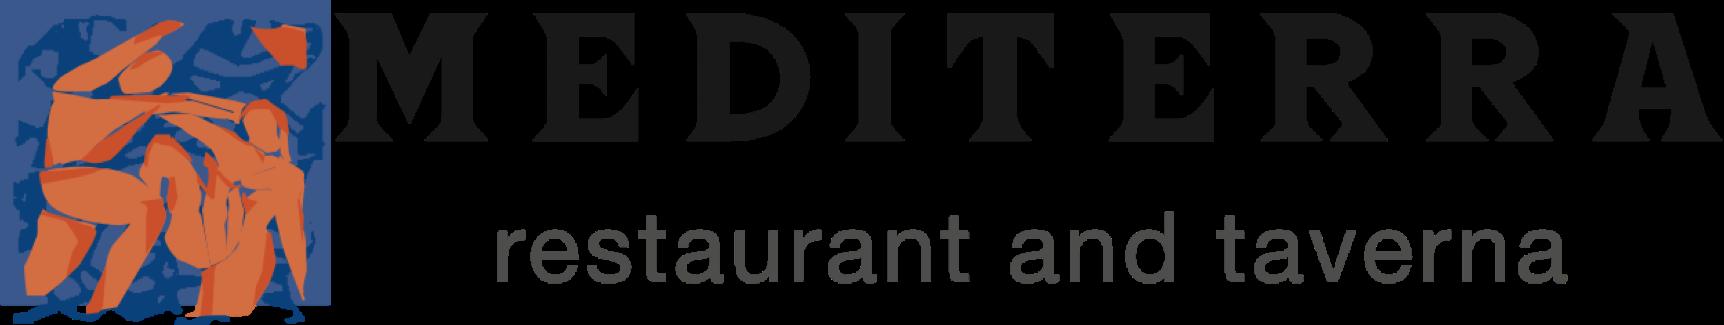 Mediterra Restaurant & Taverna Home